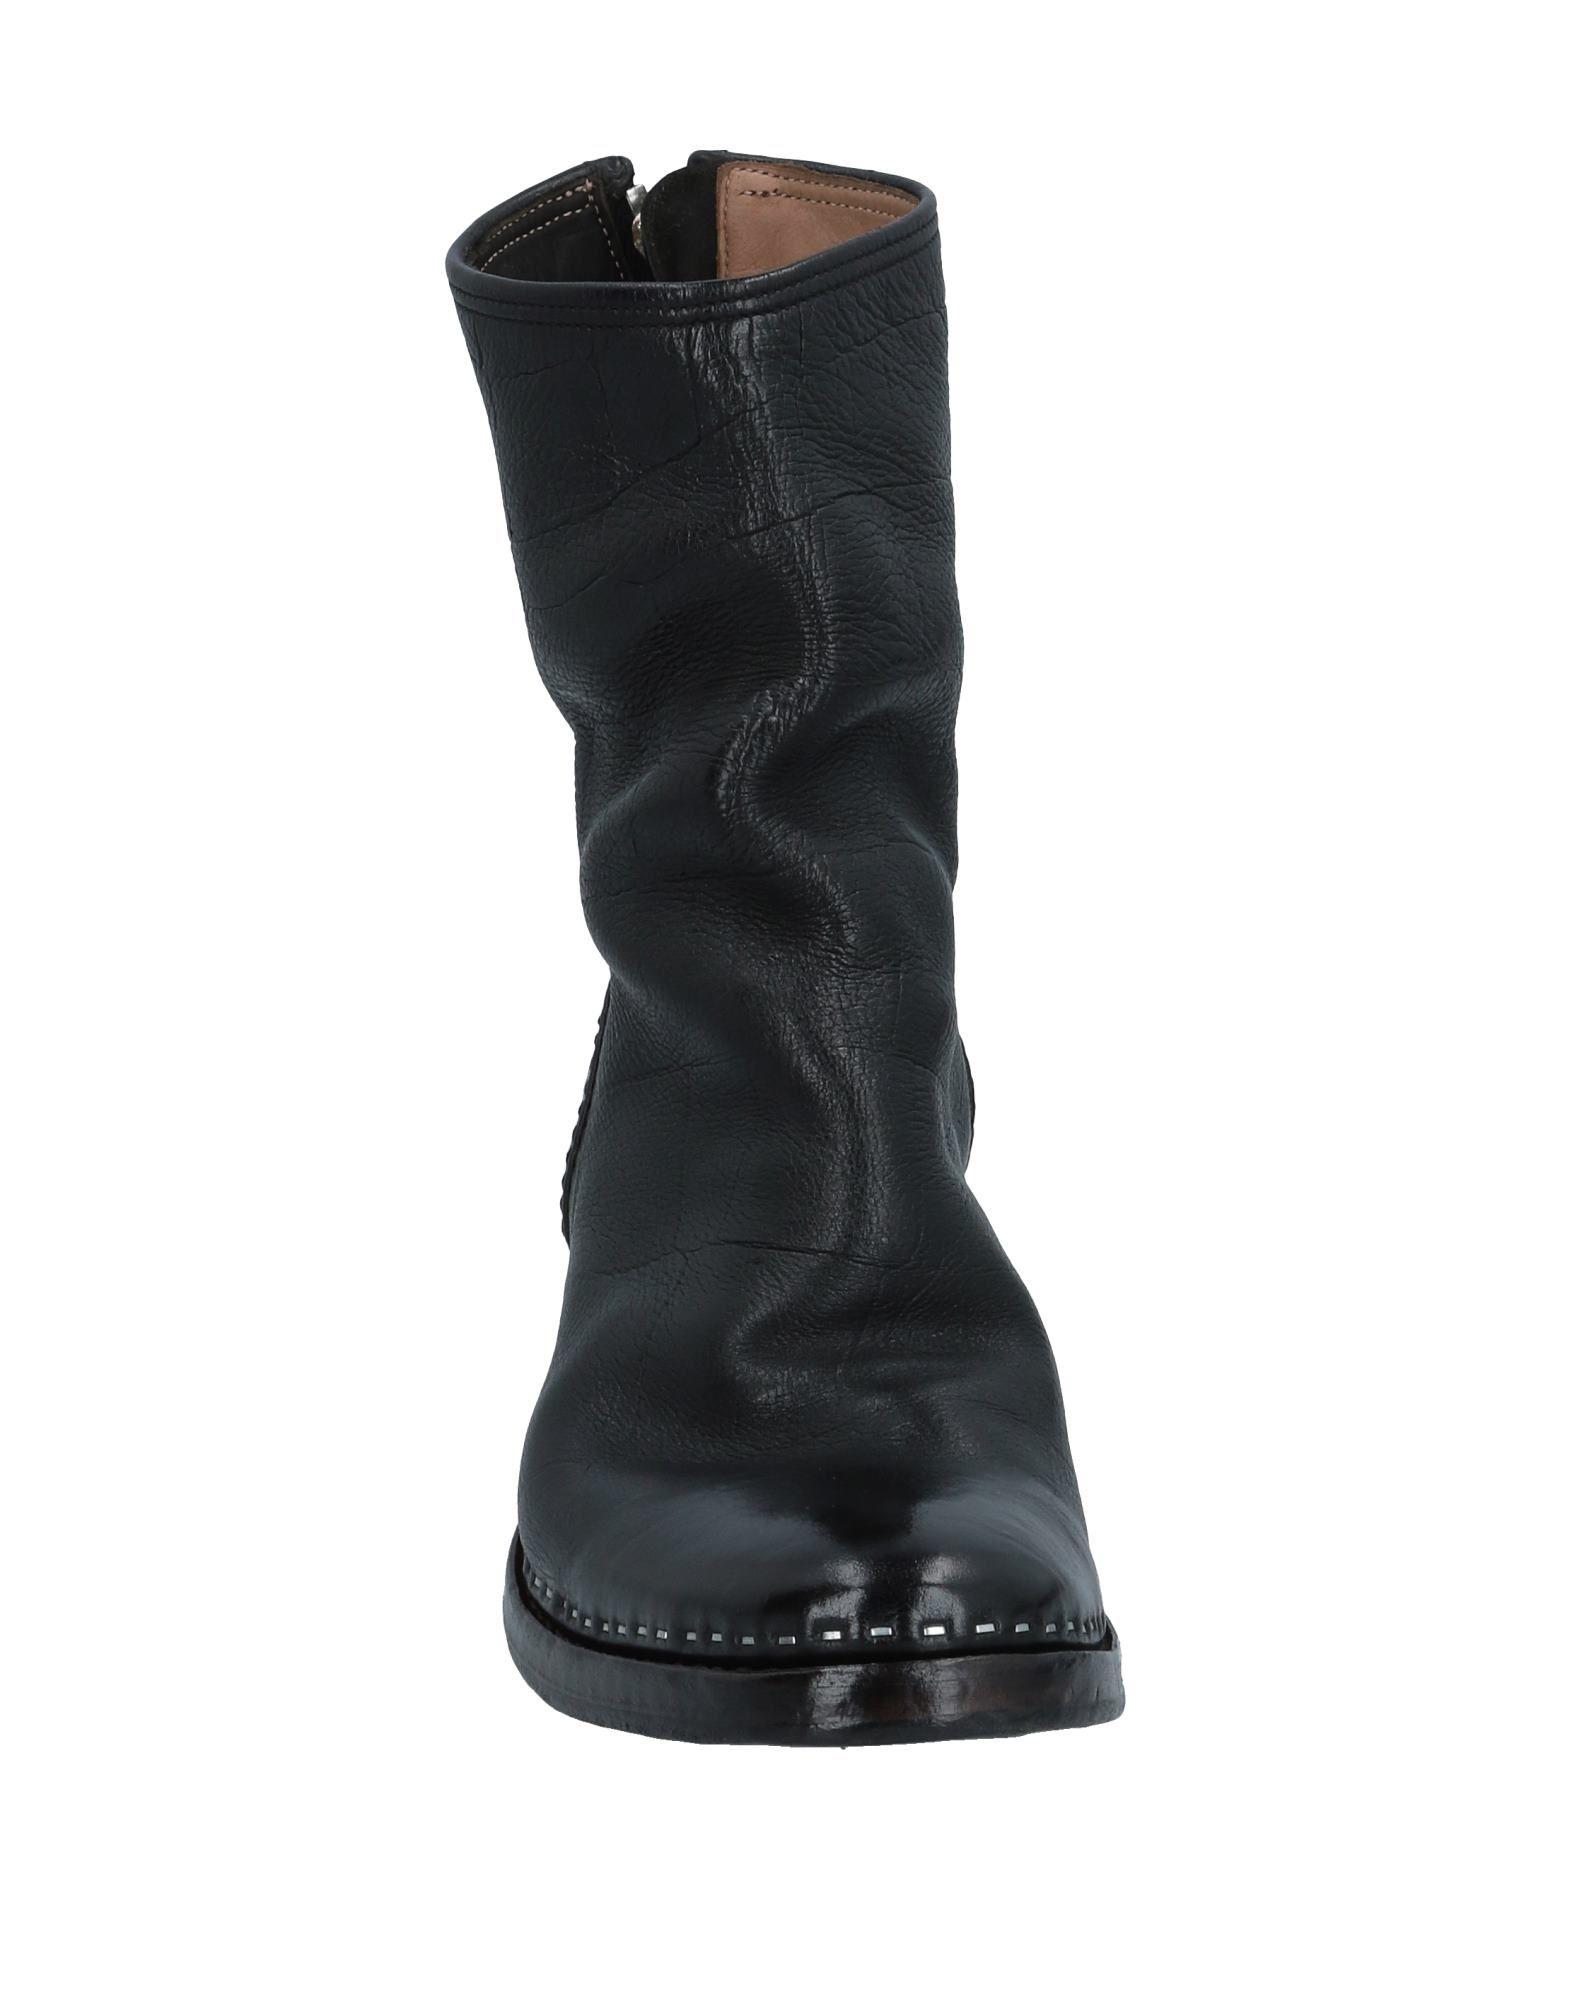 premiata bottes en - hommes premiata bottes en bottes ligne sur l'australie - 11529583ol 36dfc3